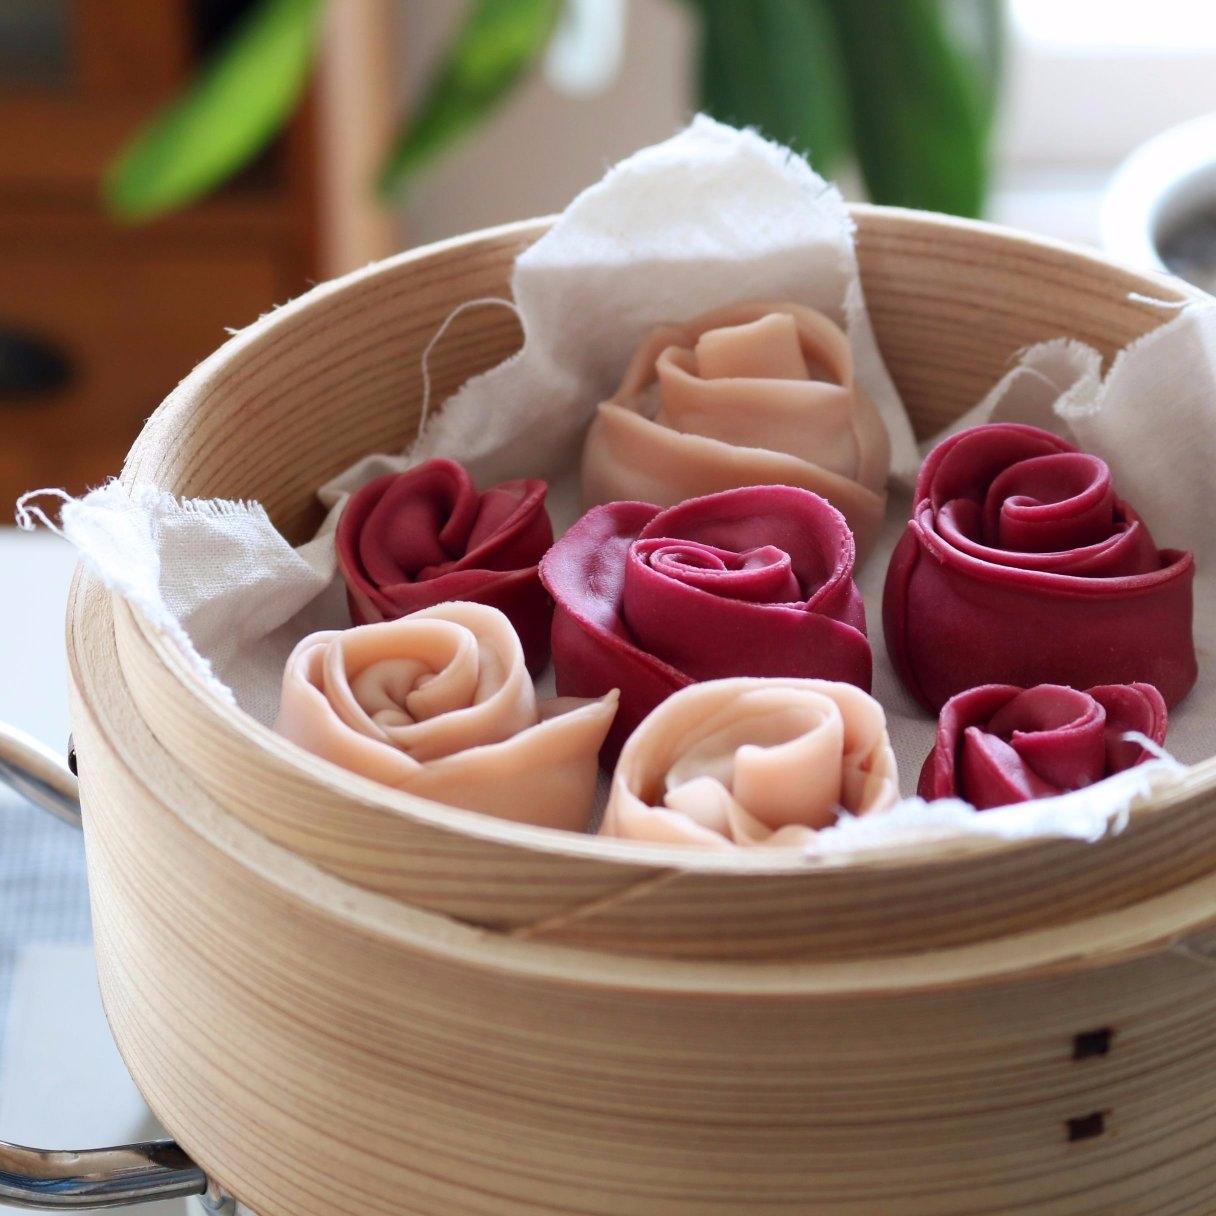 Làm ngay há cảo hoa hồng đẹp ngất ngây đón ngày 8/3 ảnh 9